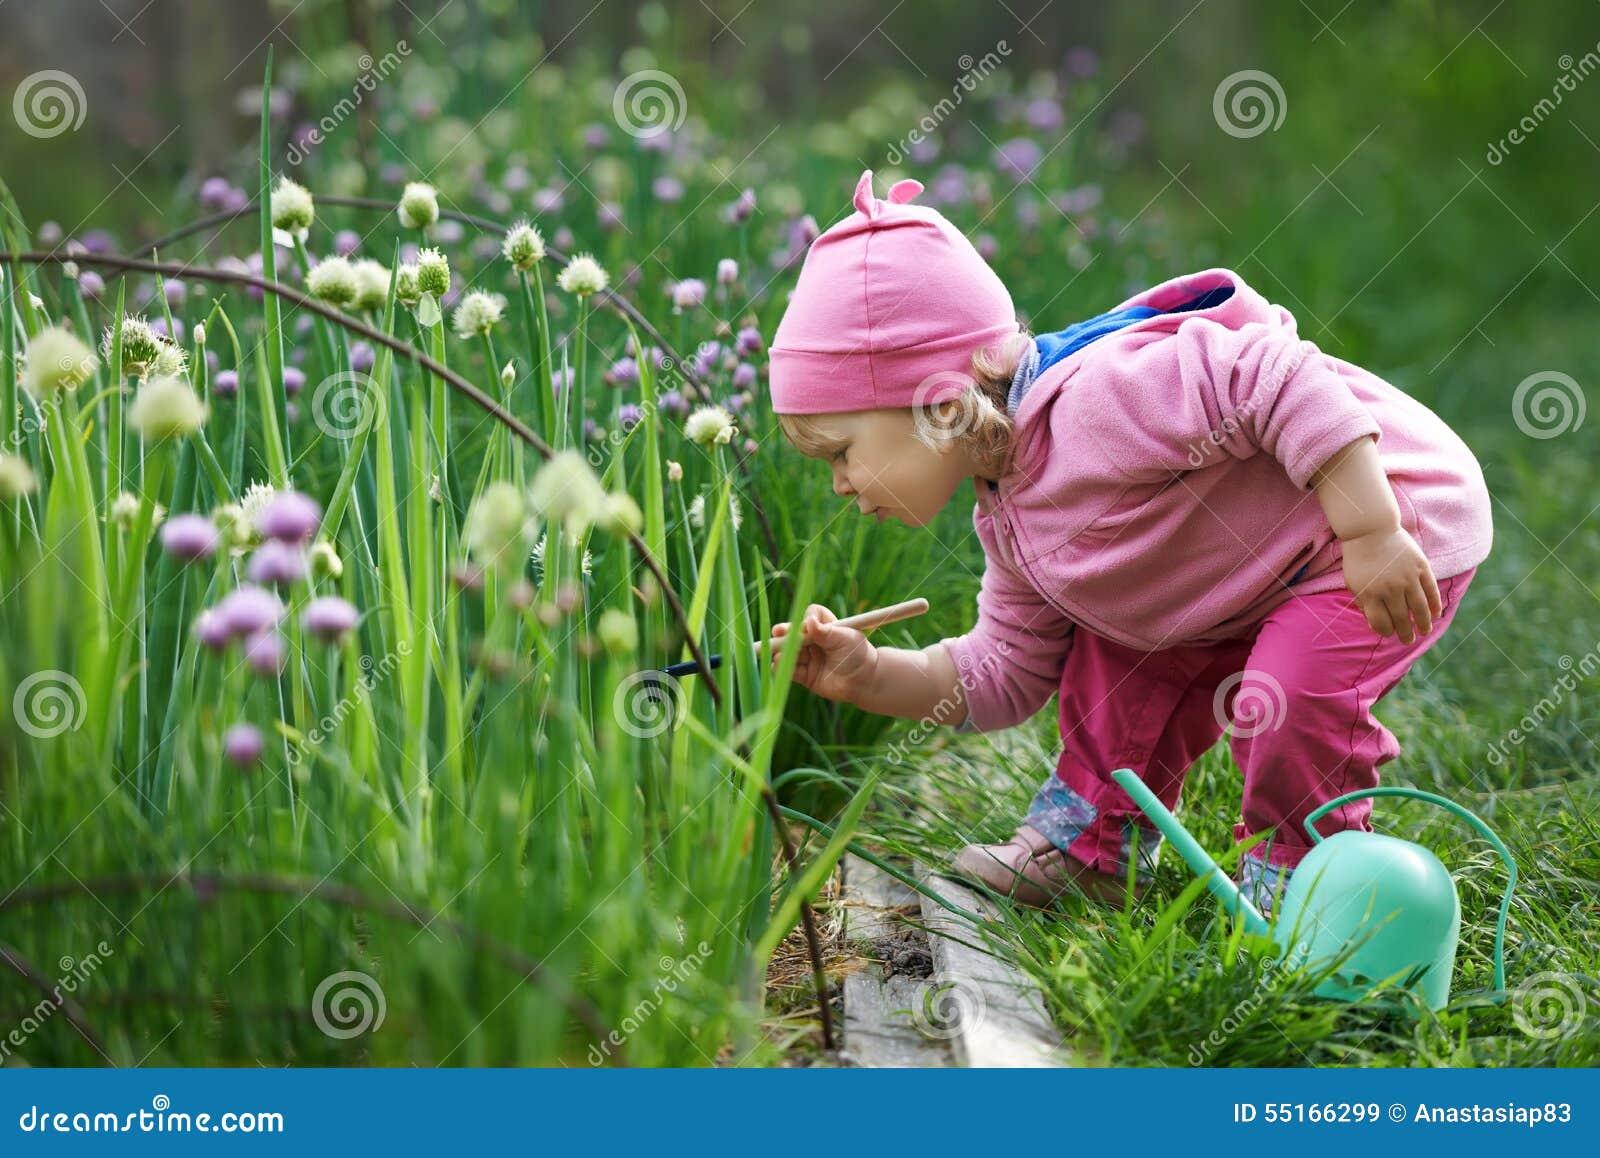 Little farmer raking onions in the garden